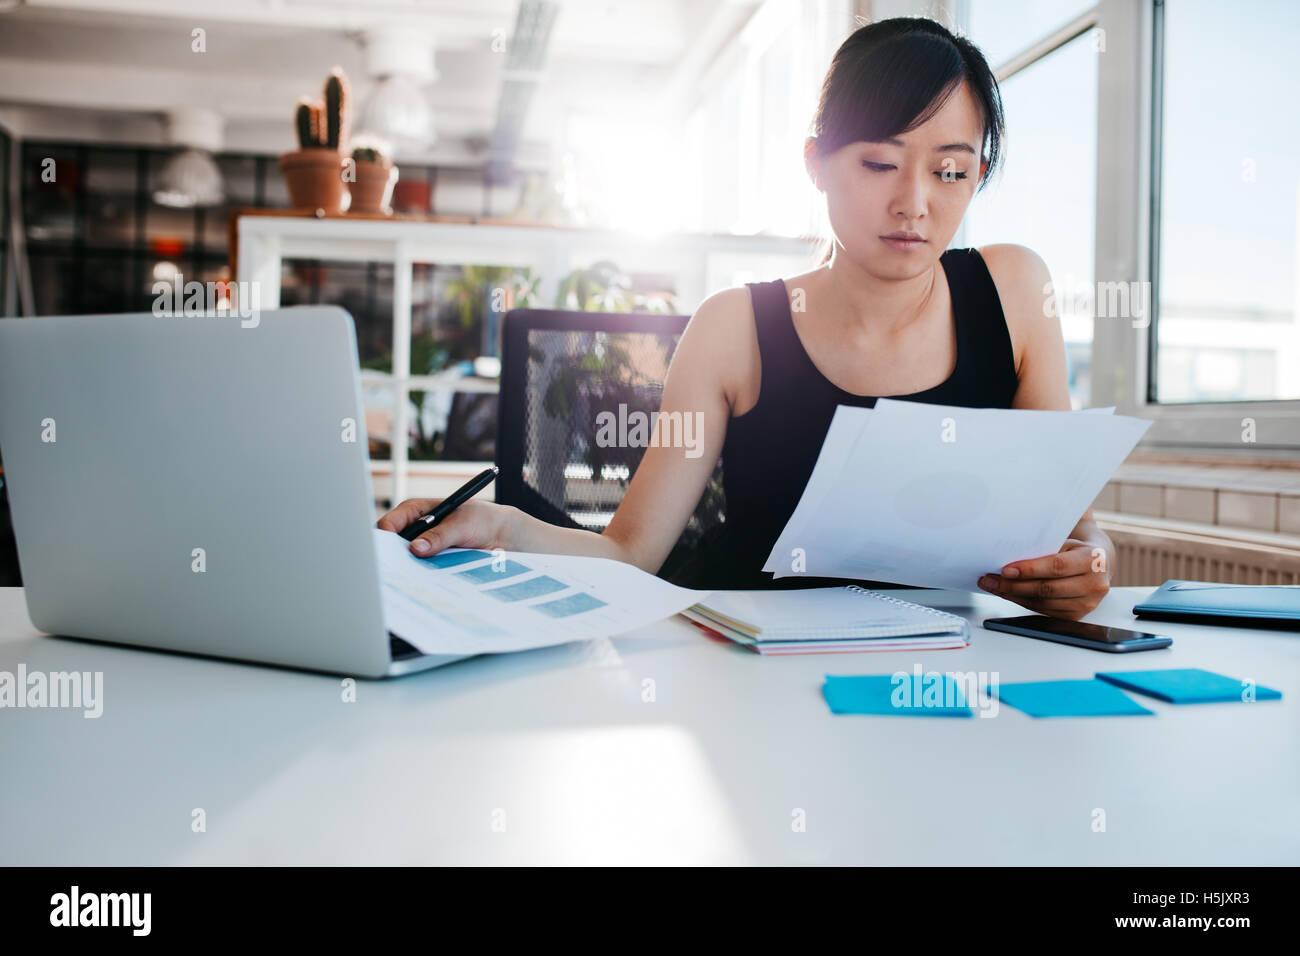 Porträt der jungen Asiatin Lesen von Dokumenten an ihrem Schreibtisch. Geschäftsfrau an ihrem Arbeitsplatz Stockbild